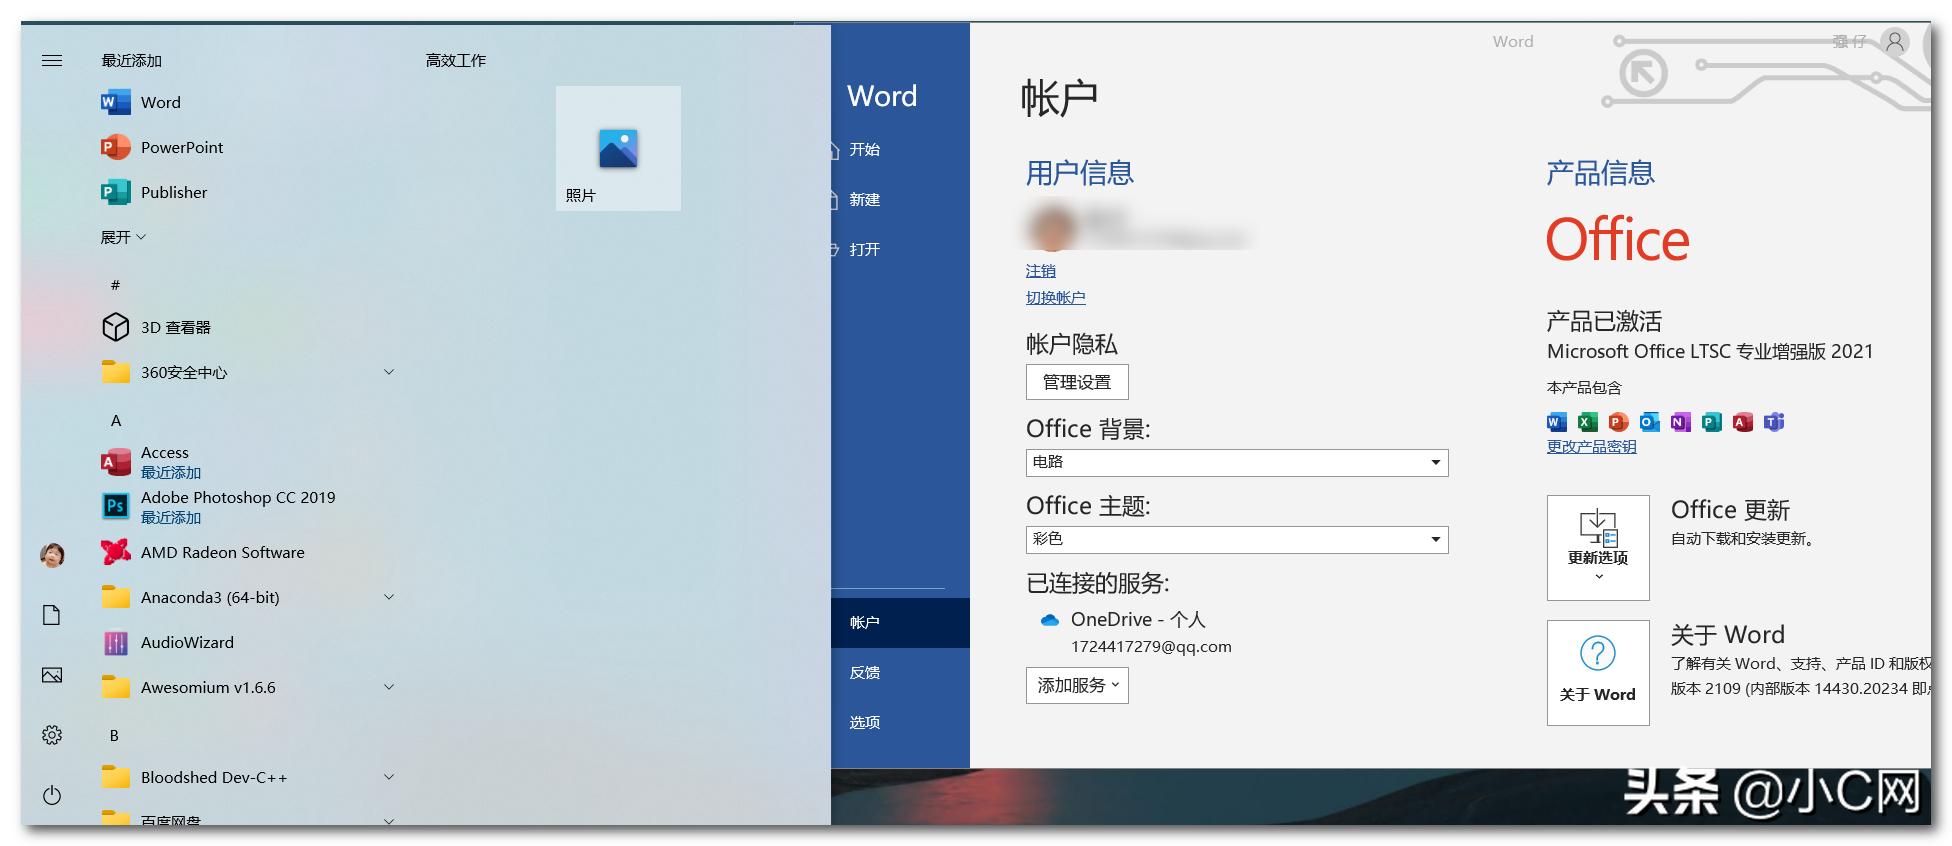 图片[8] - Microsoft office 2021专业版解锁 - 小 C 网